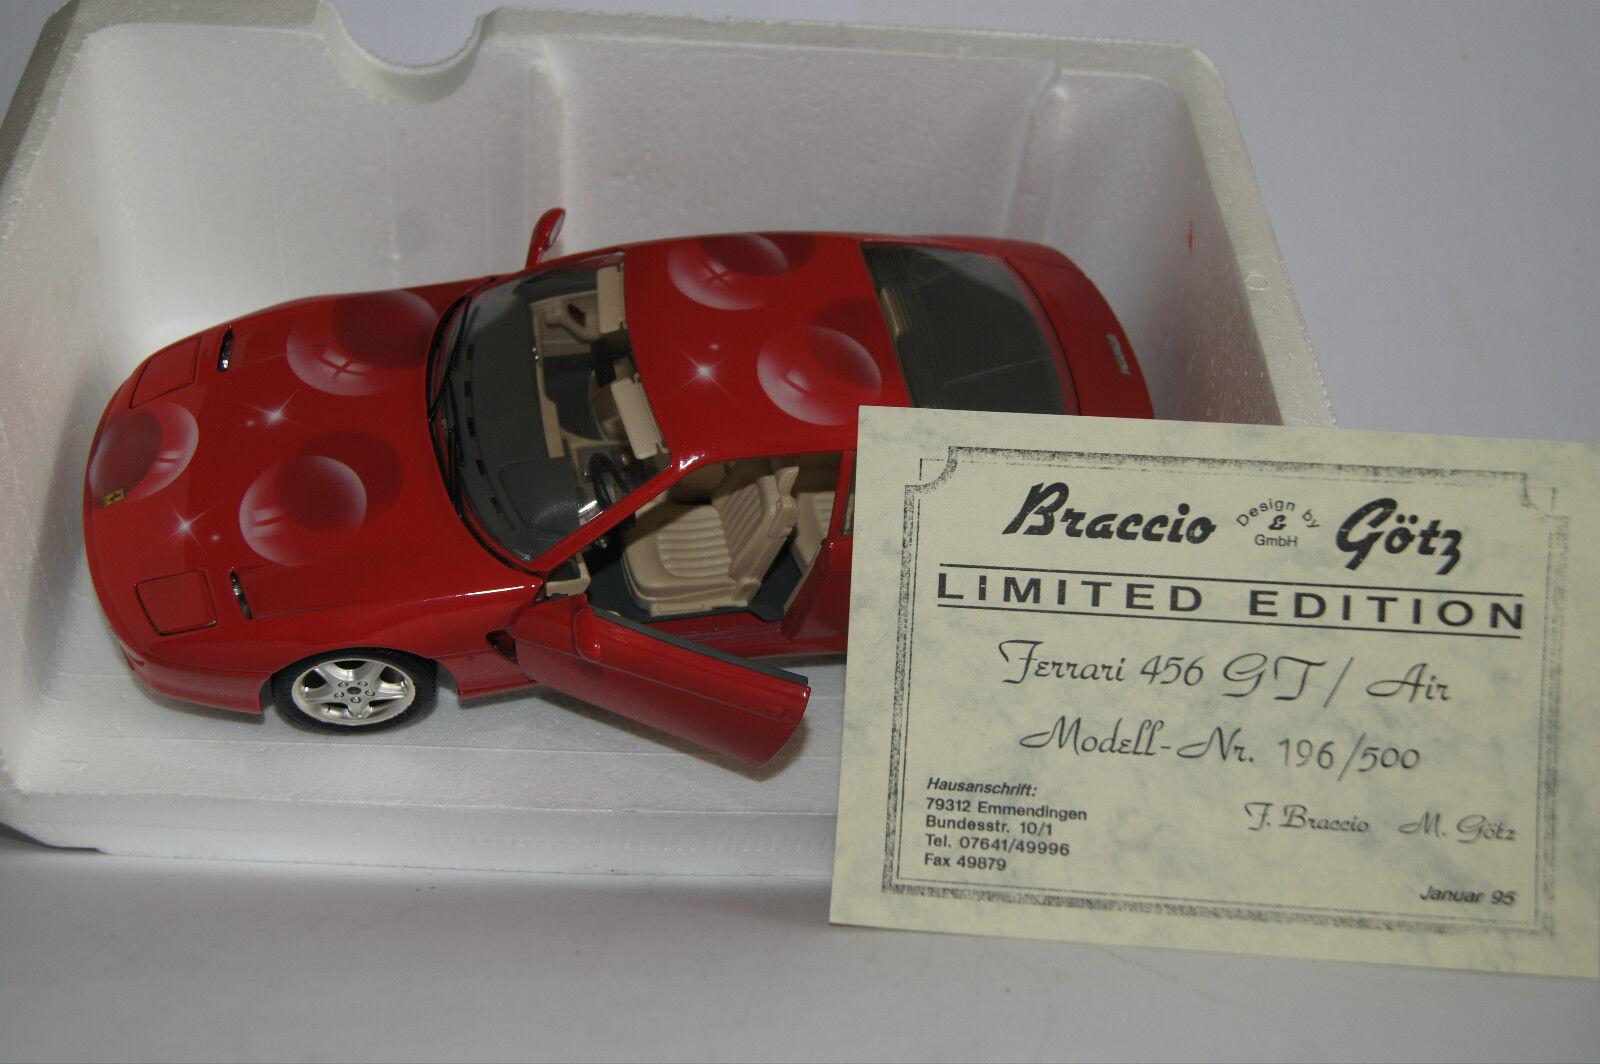 grande sconto modellolo di auto 1 18 FERRARI 456 GT GT GT BRACCIO & Götz  in OVP   economico e di alta qualità